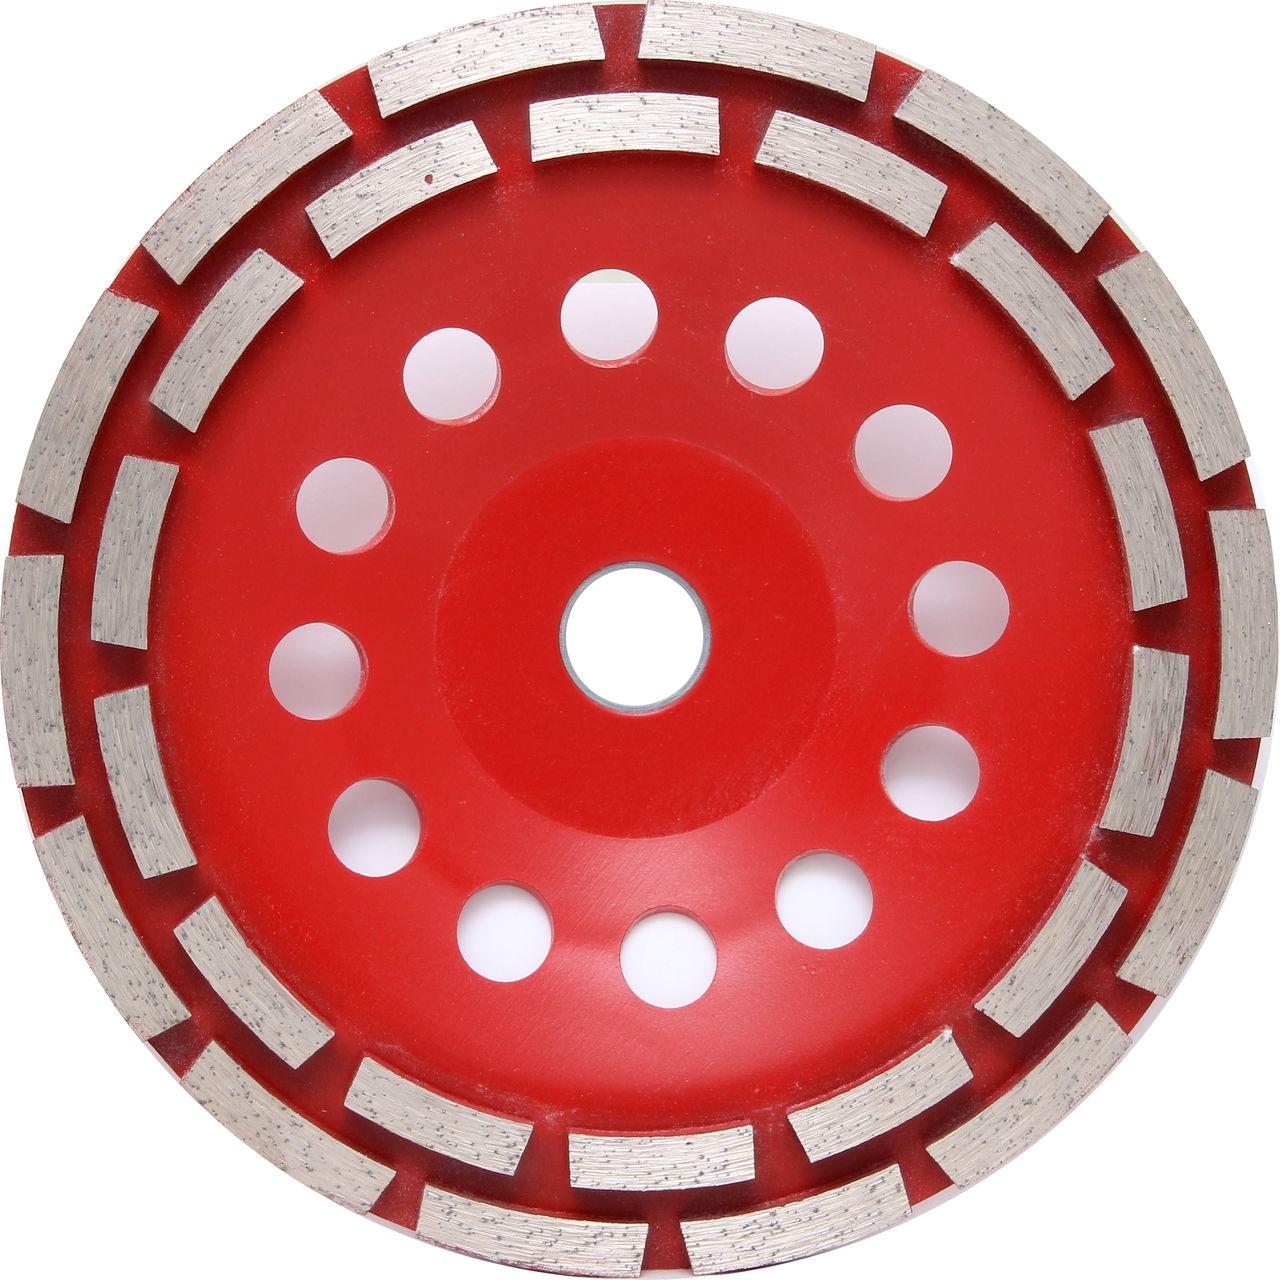 Фото - Чашка шлифовальная Trio diamond УТ0006985 segment [супермаркет] jingdong геб scybe фил приблизительно круглая чашка установлена в вертикальном положении стеклянной чашки 290мла 6 z